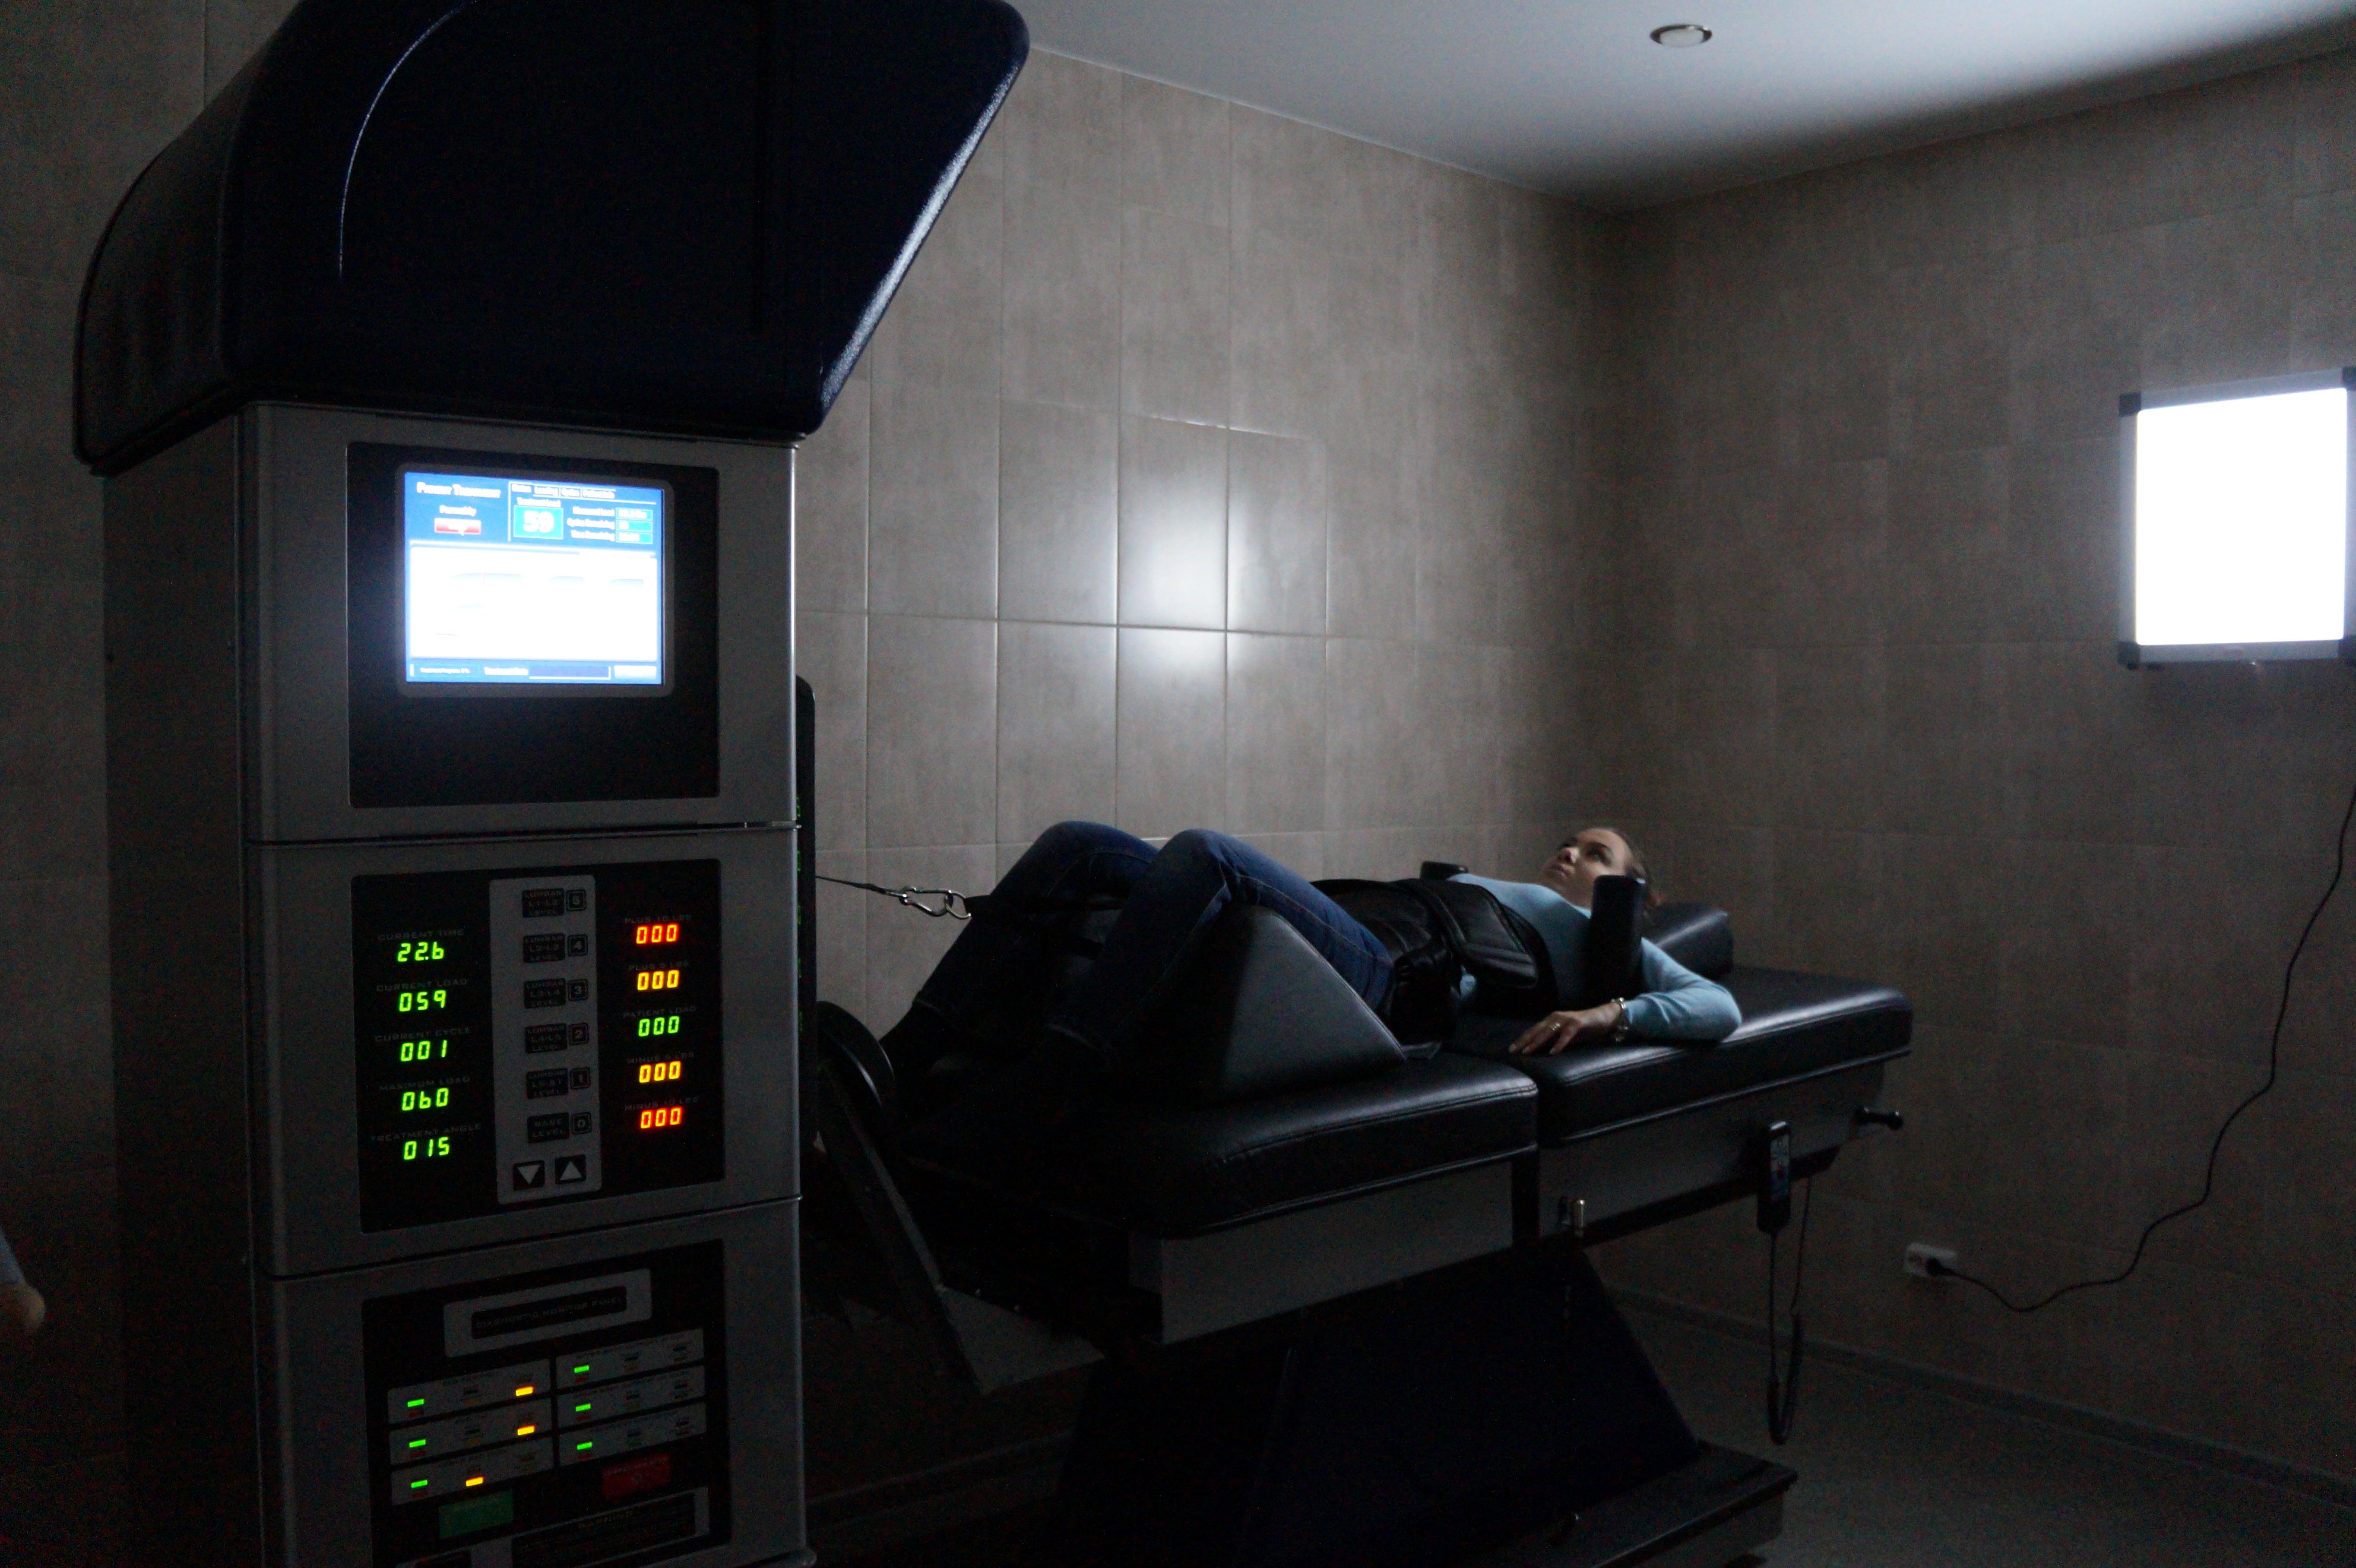 Лечение позвоночника на аппарате drx в москве thumbnail